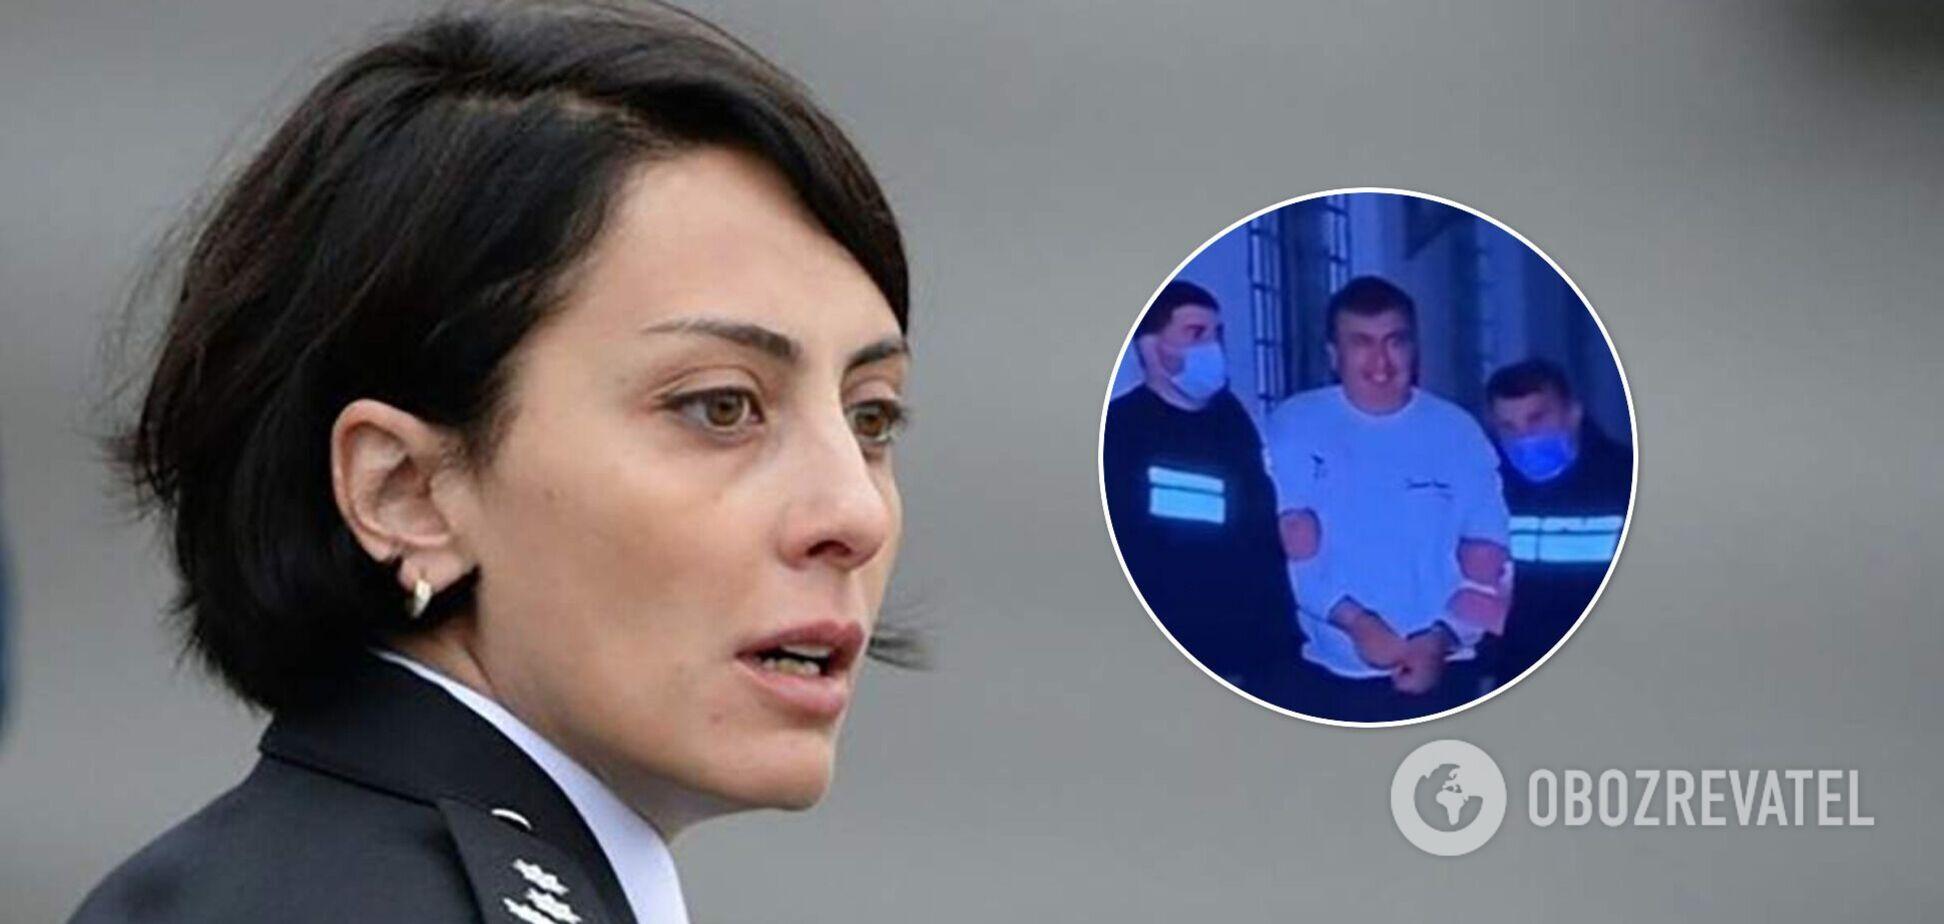 Саакашвілі приїхав до Грузії, щоб захистити голоси виборців, – Деканоїдзе